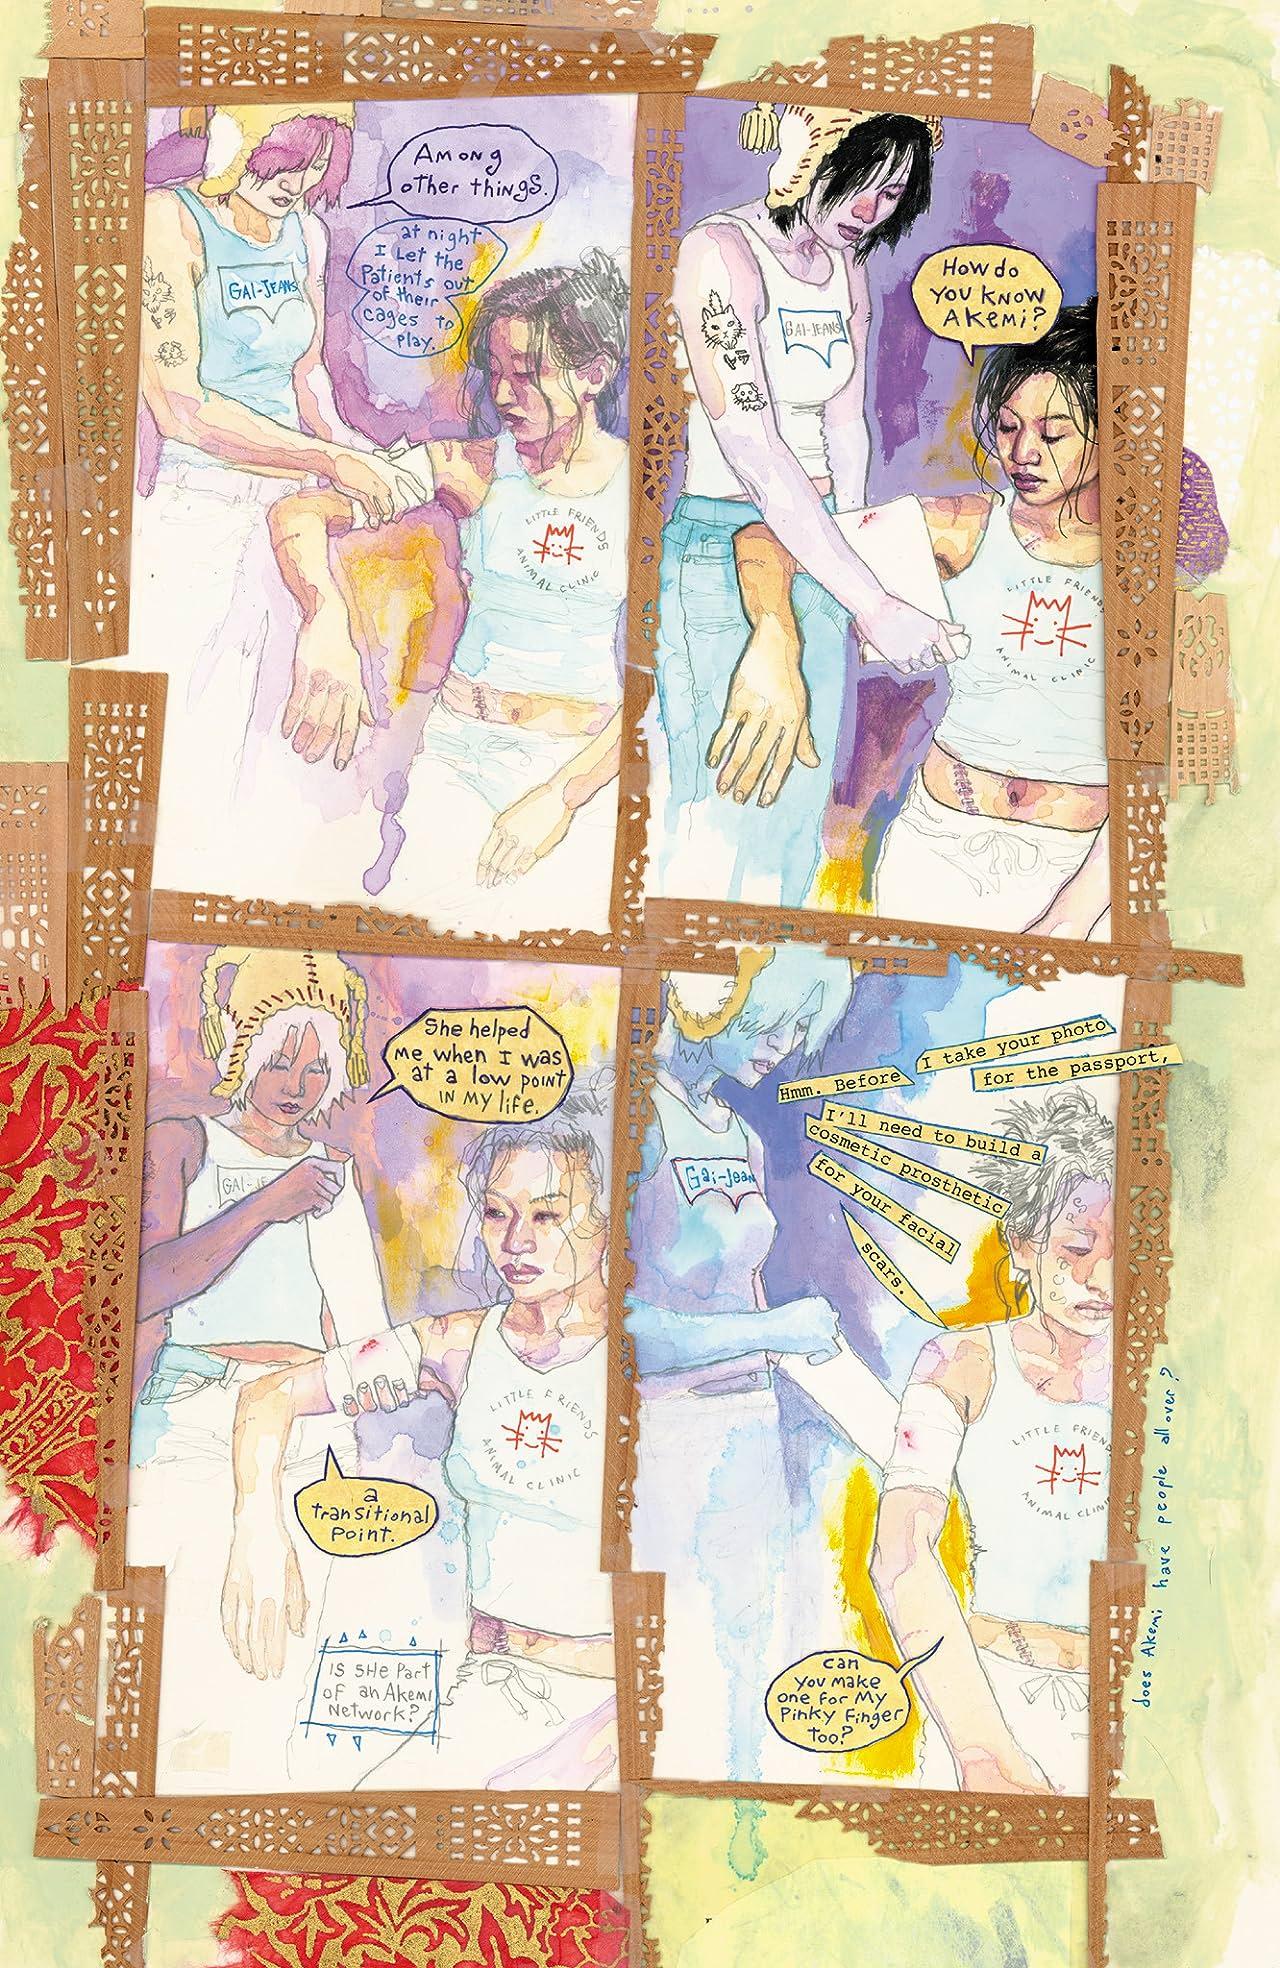 Kabuki vol. 7 #2